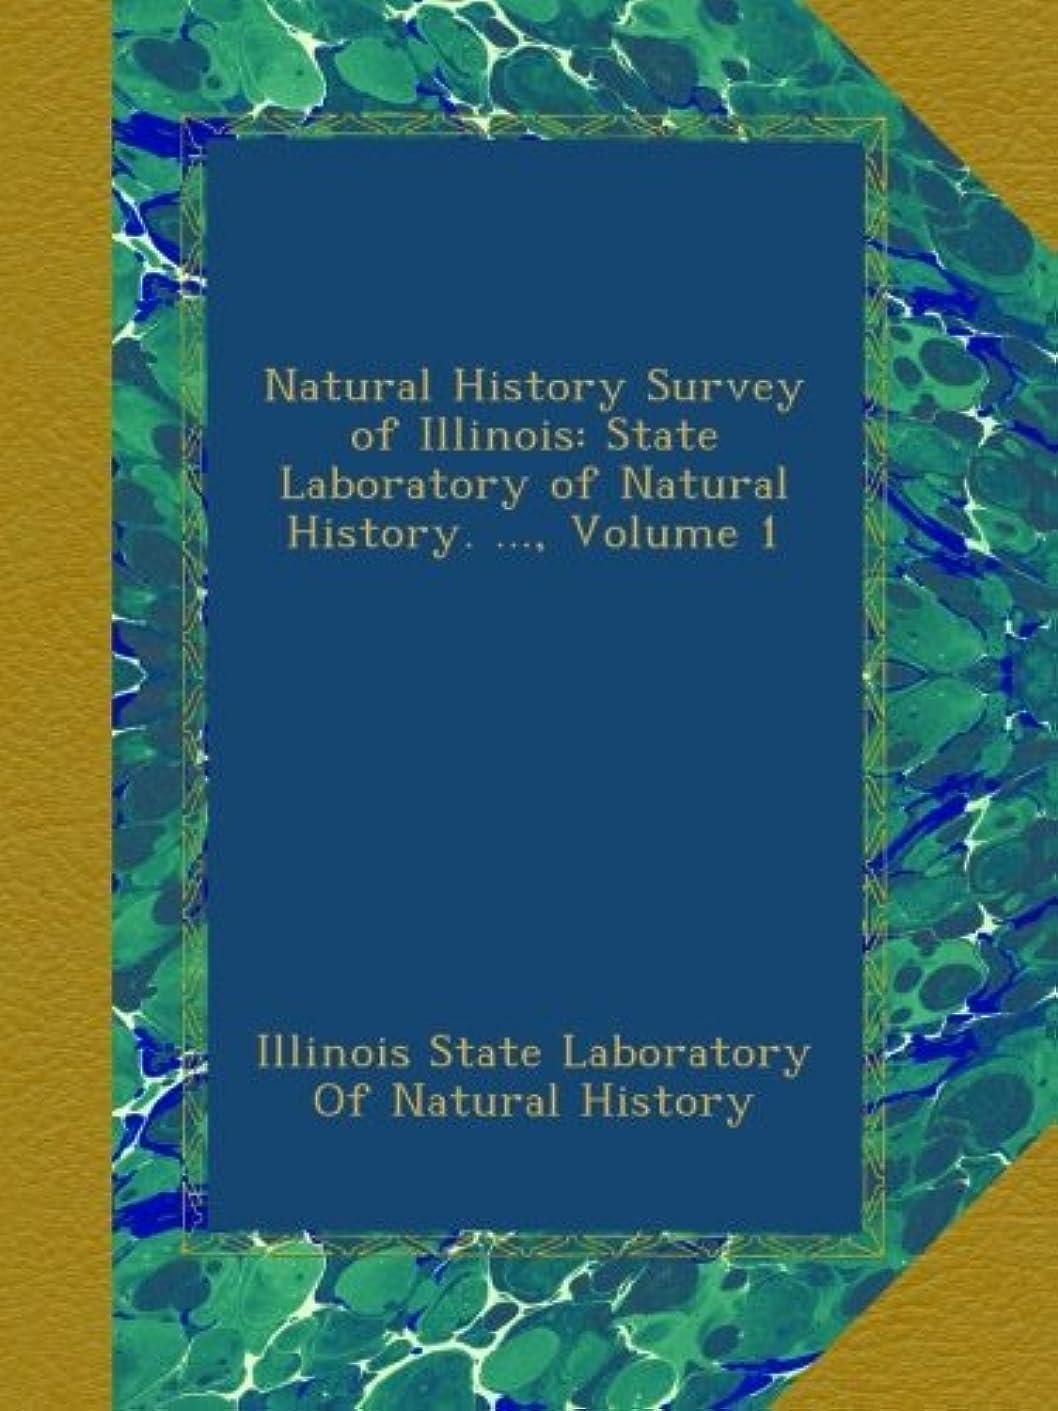 オッズモッキンバードアンビエントNatural History Survey of Illinois: State Laboratory of Natural History. ..., Volume 1